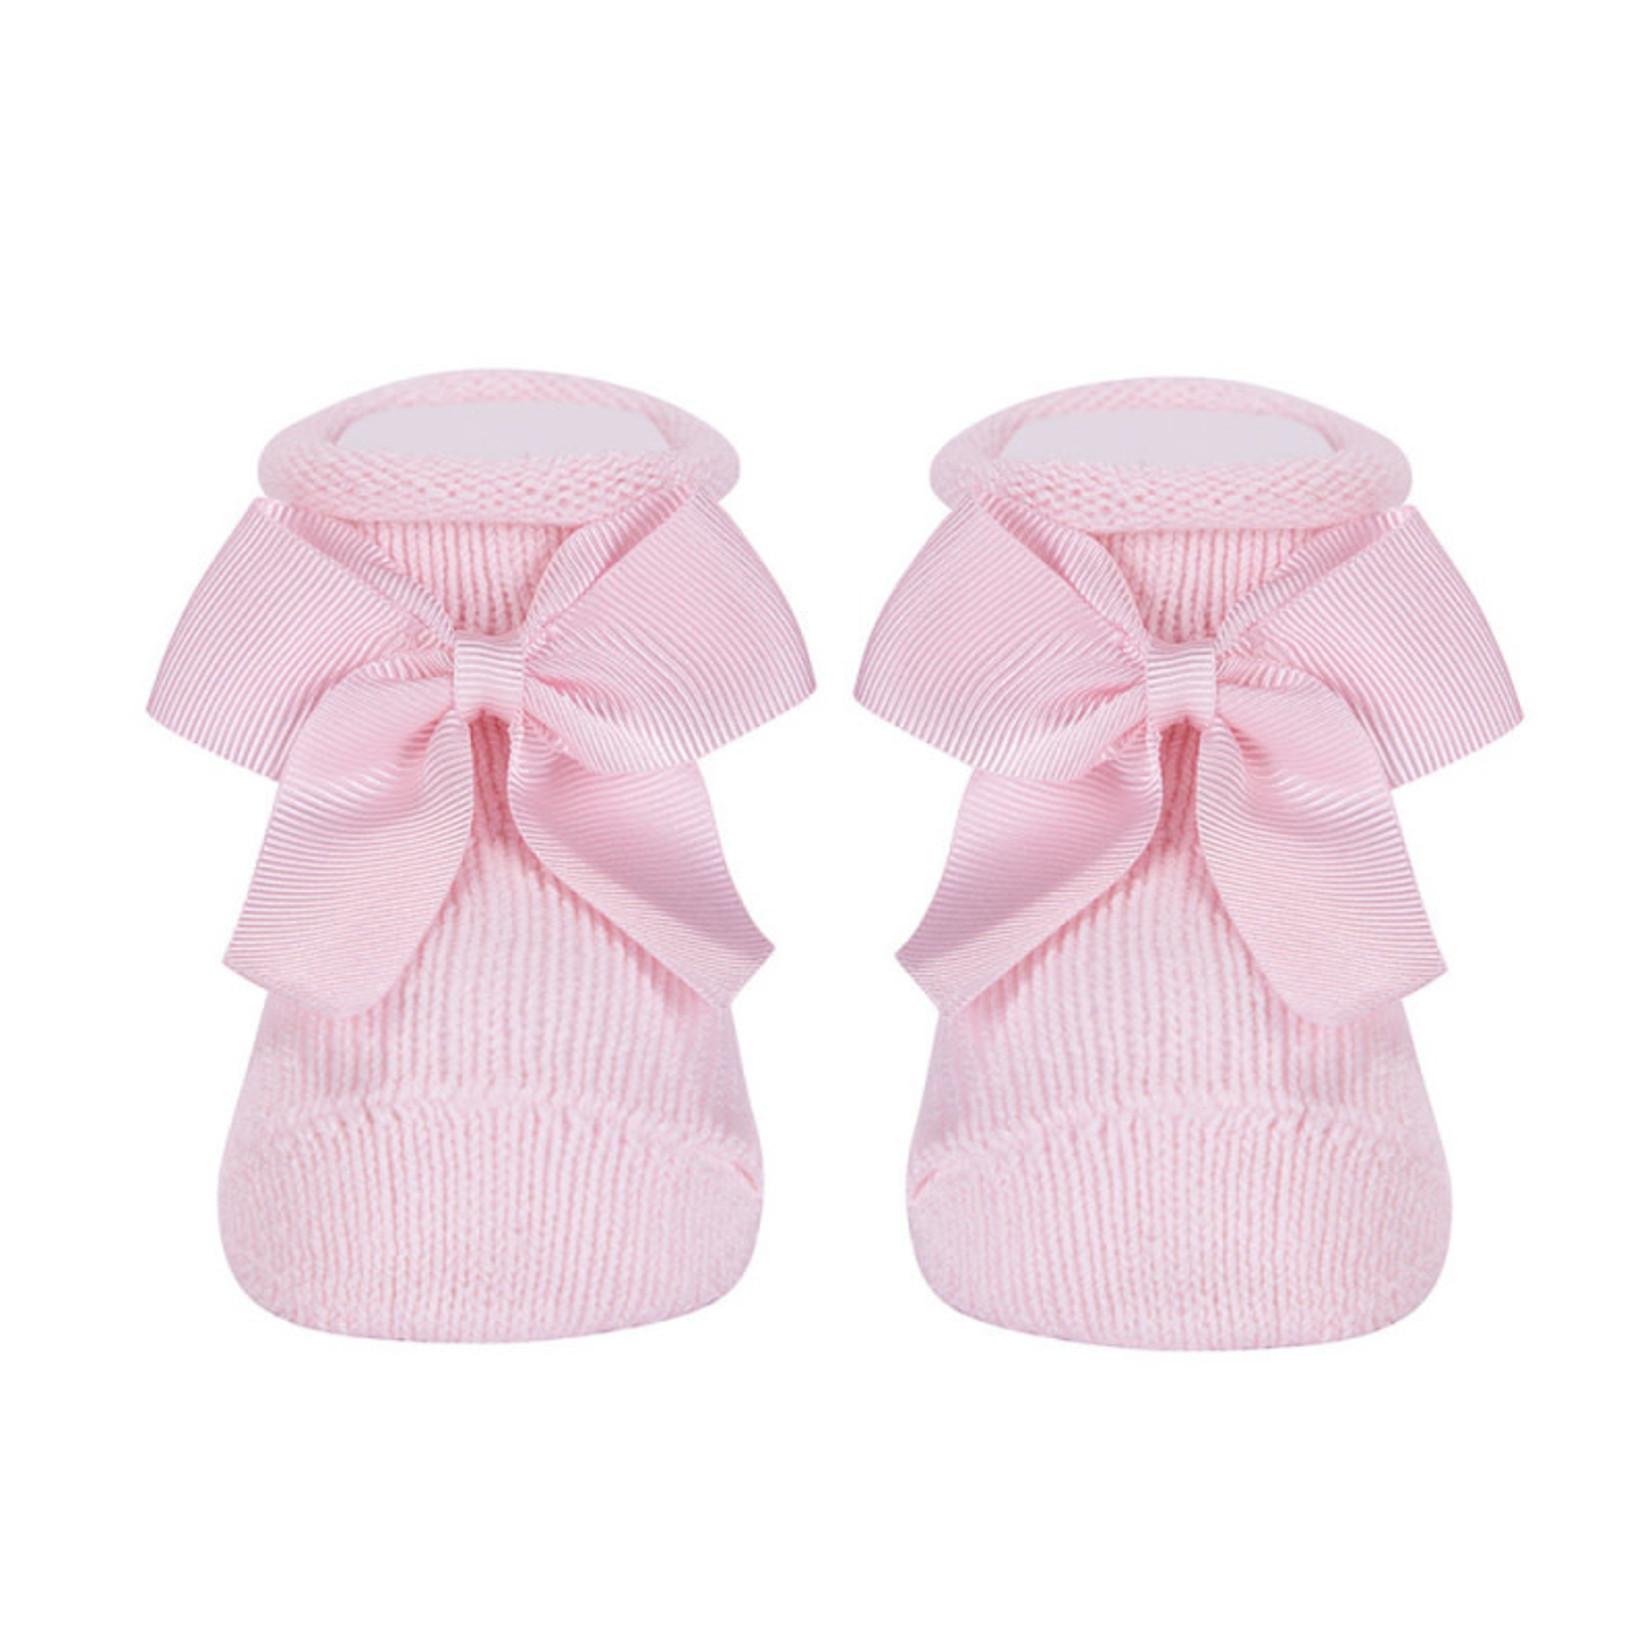 Condor Condor Baby Cotton Booties Pink